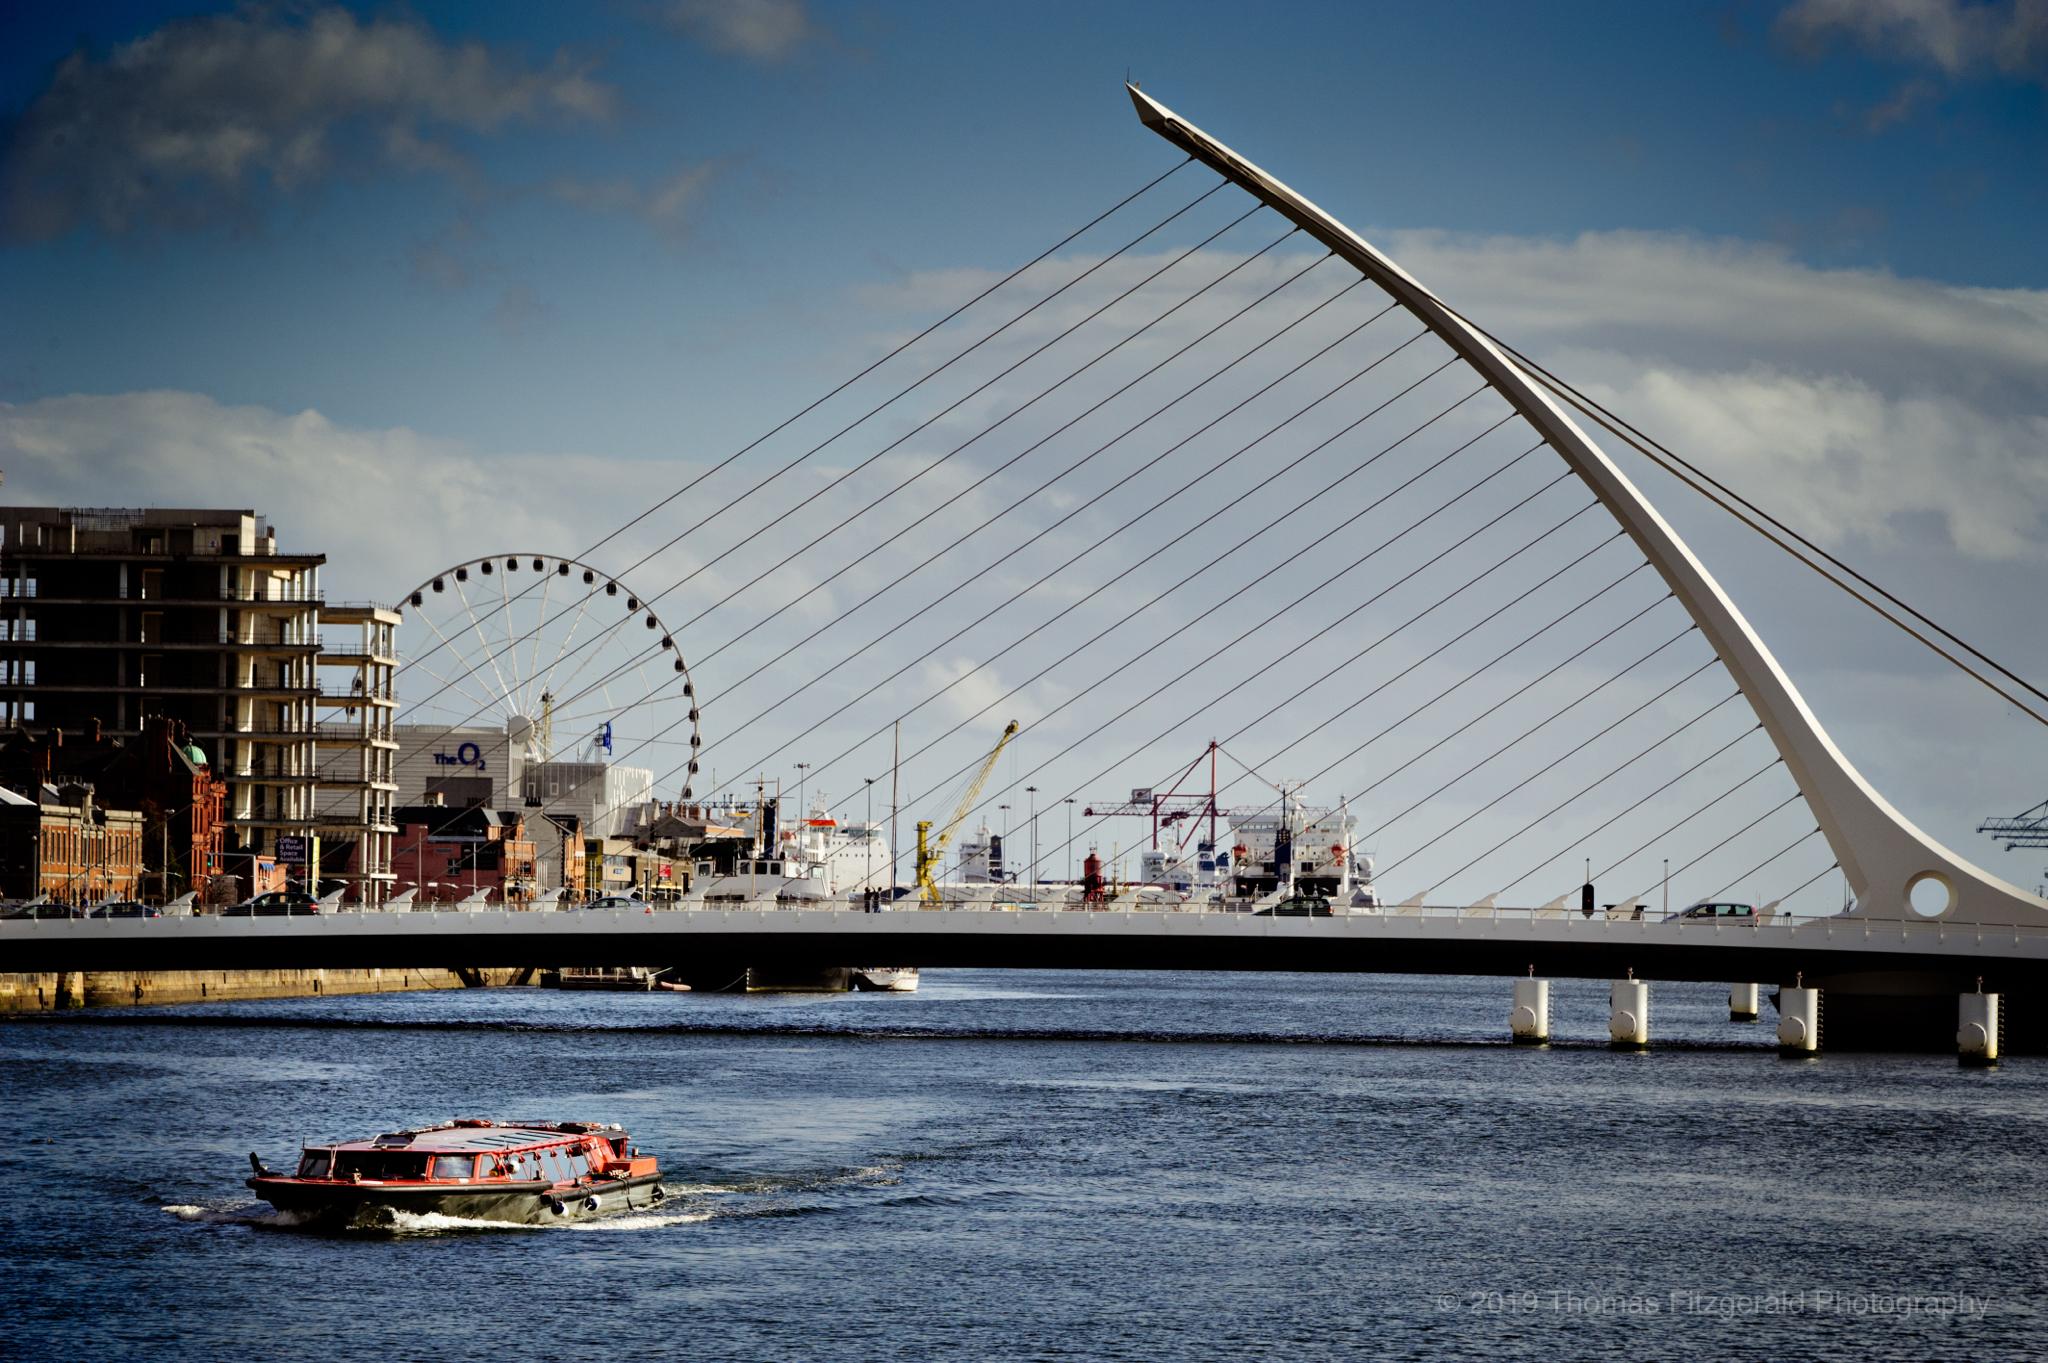 River Boat In Dublin Harbour